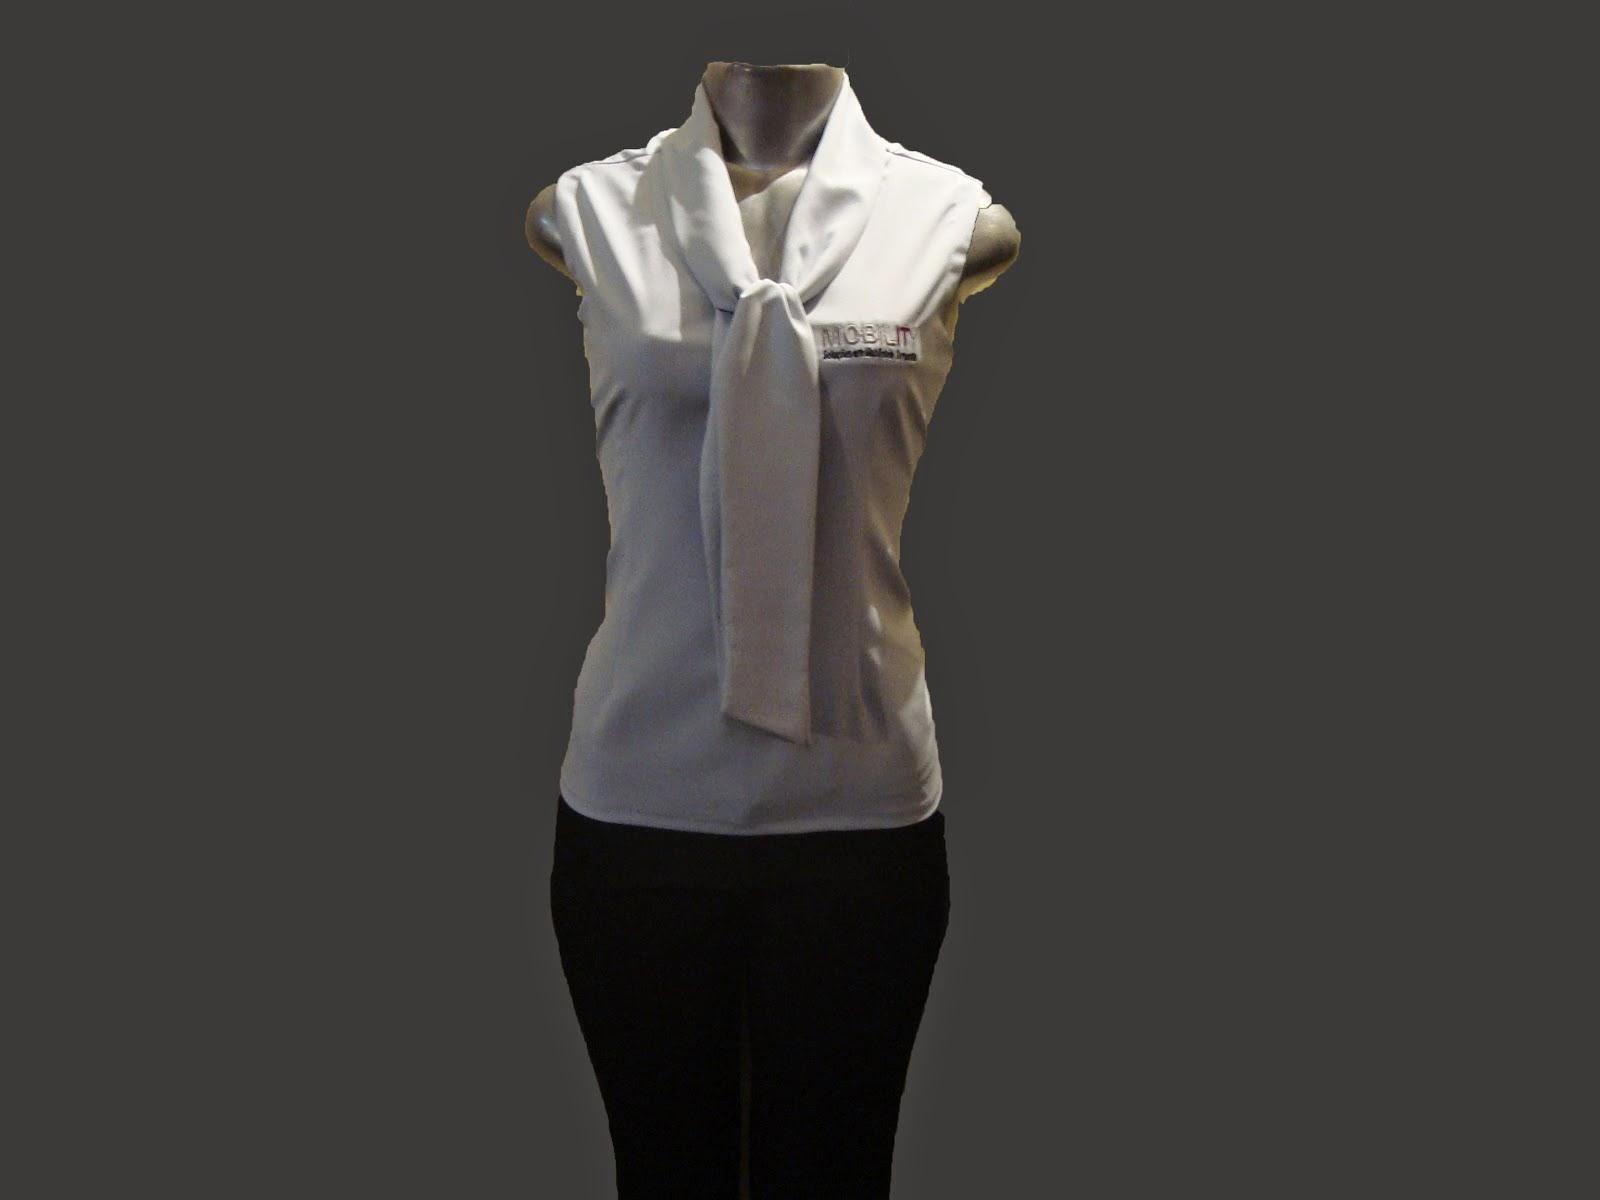 uniforme da mobility